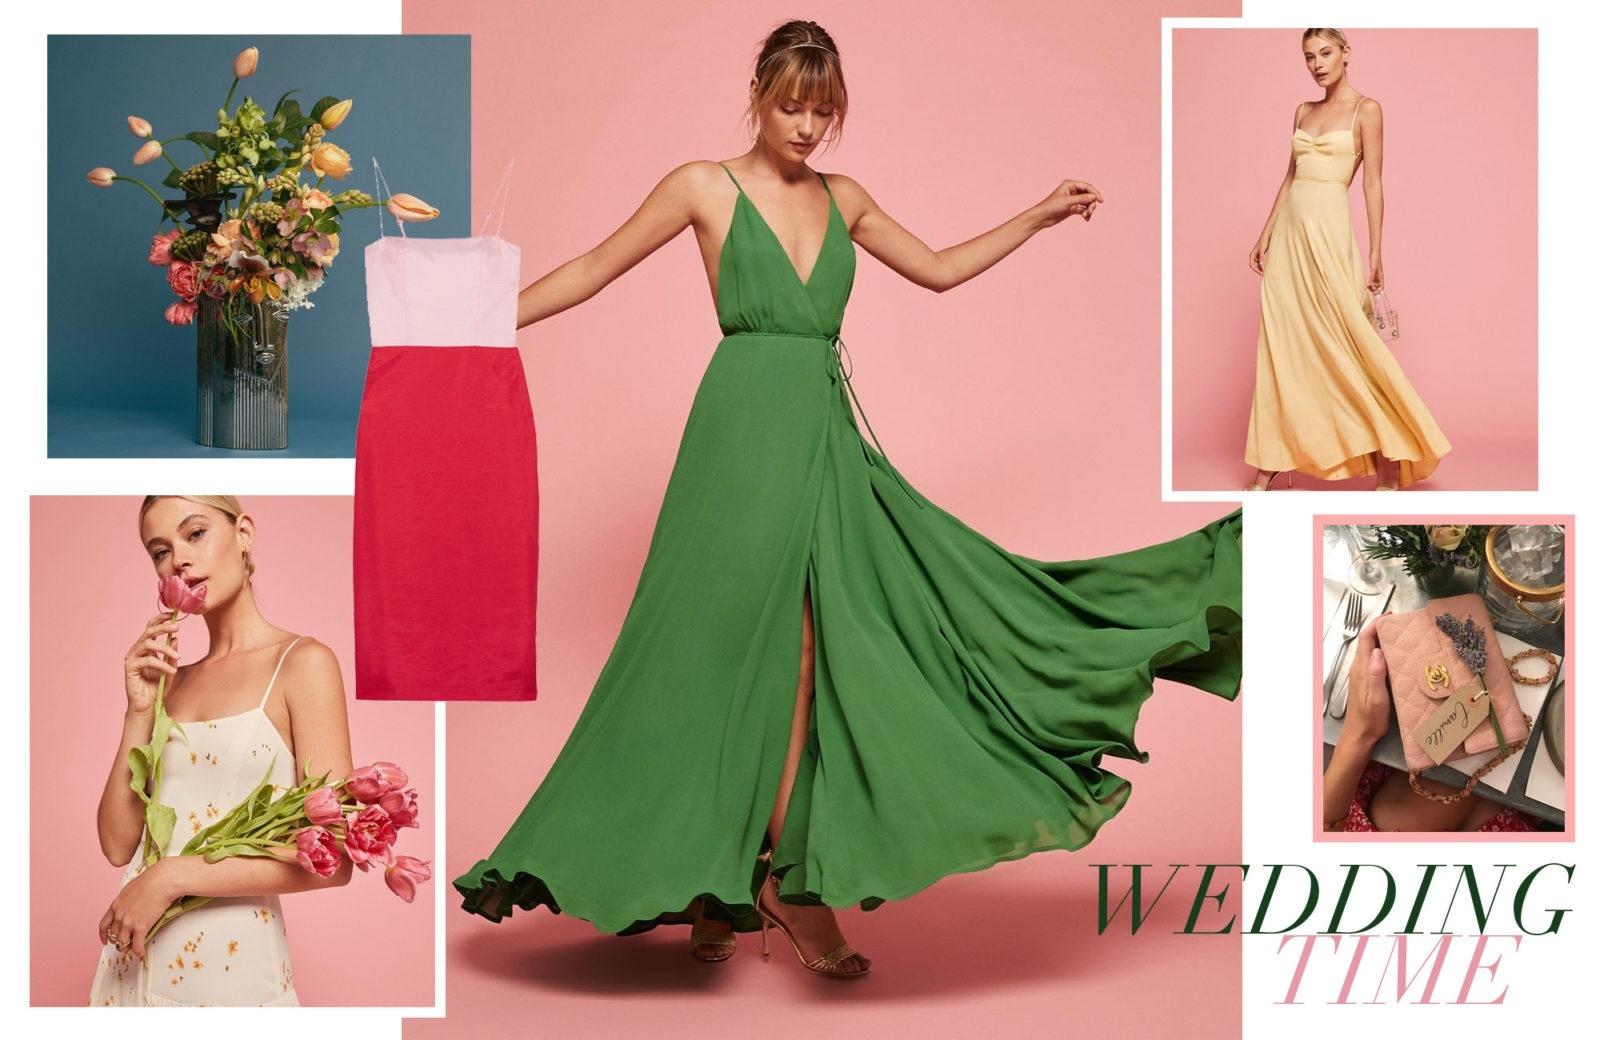 13 Leicht Tolles Kleid Für Hochzeit Galerie20 Schön Tolles Kleid Für Hochzeit Design